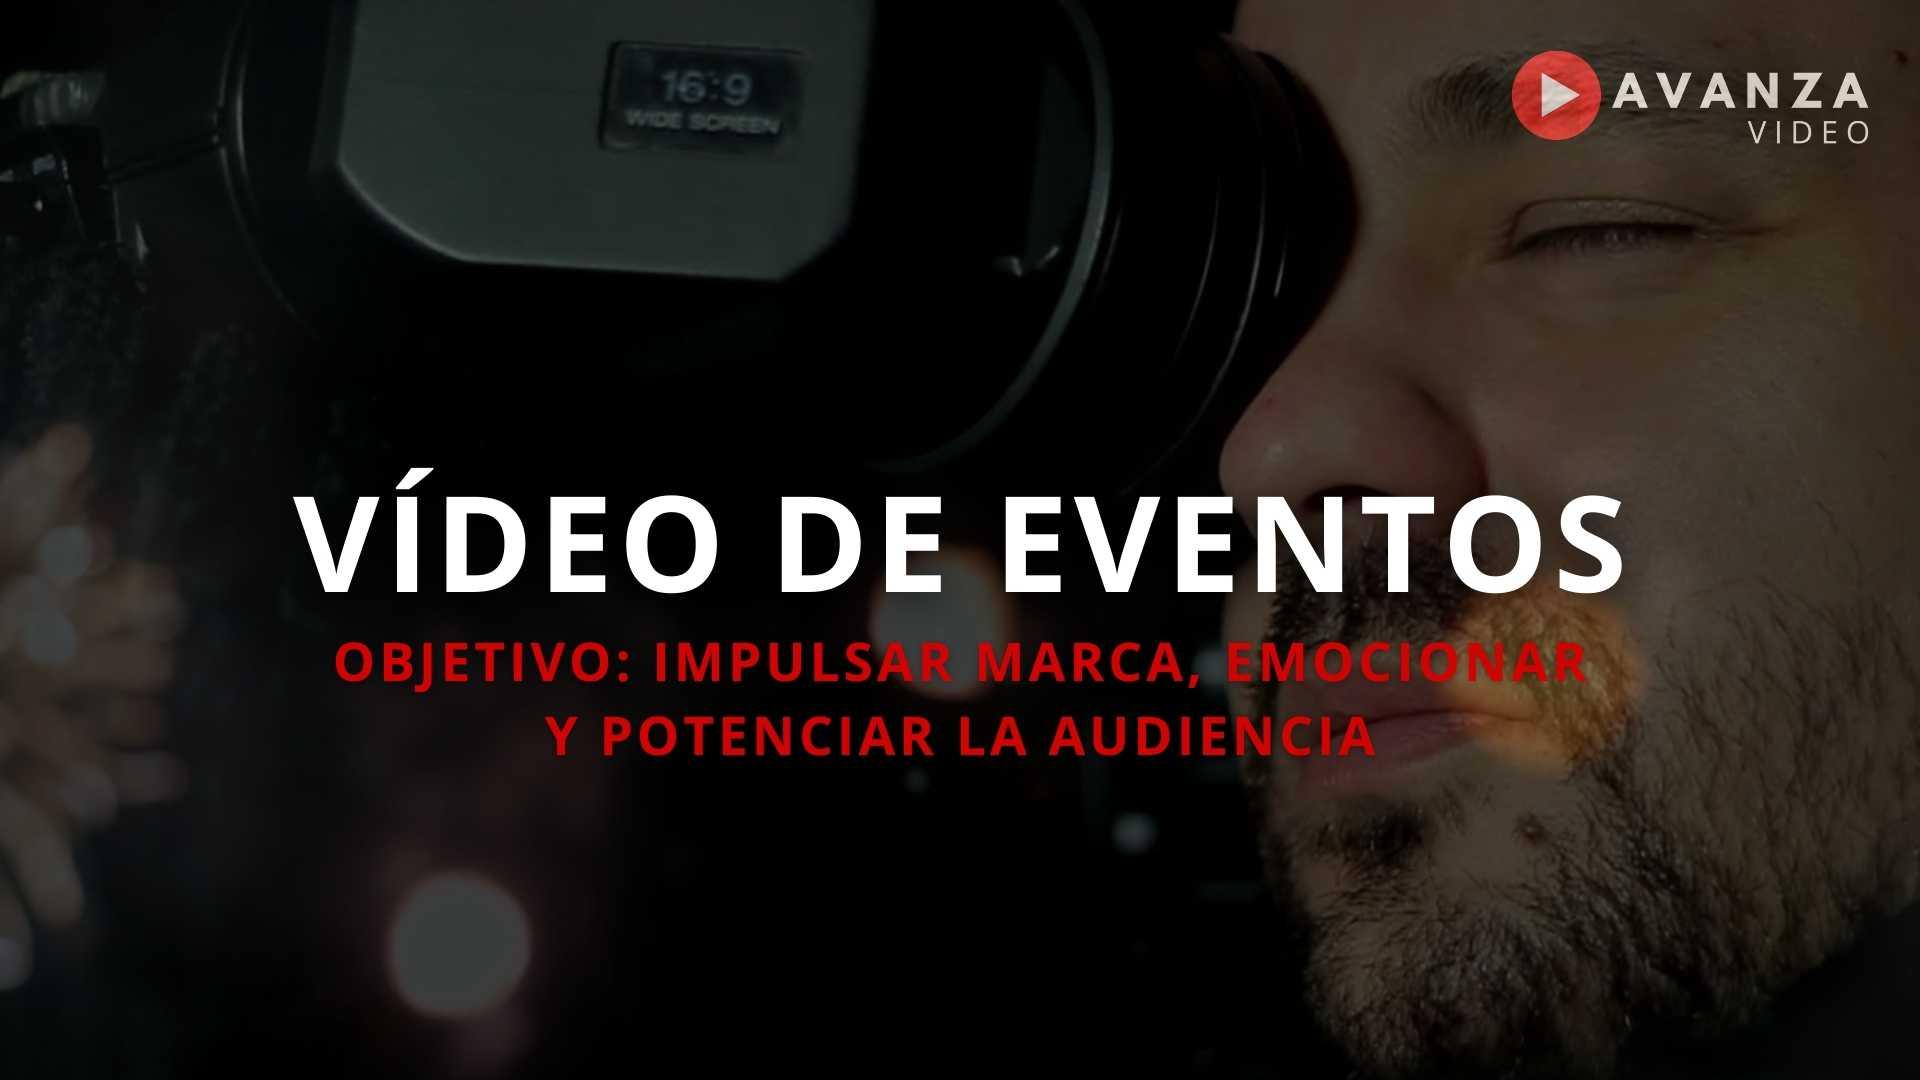 video de eventos